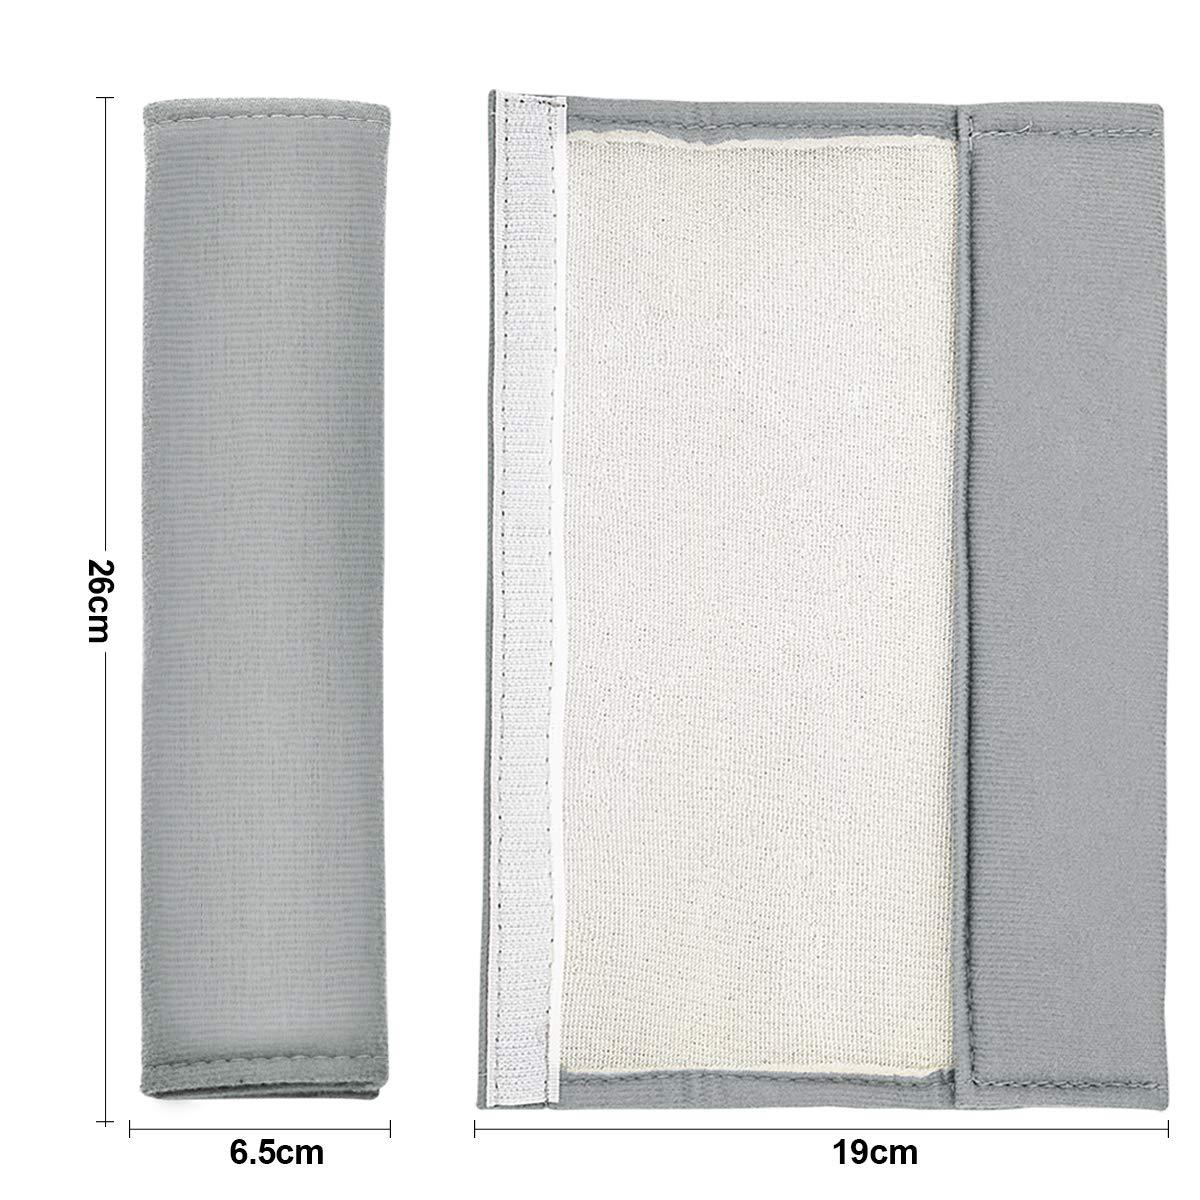 Estilo-1, Gris Aitsite Almohadillas de Cintur/ón de Seguridad de 4 Paquetes Cubierta de Correa de Asiento para Adultos y Ni/ños